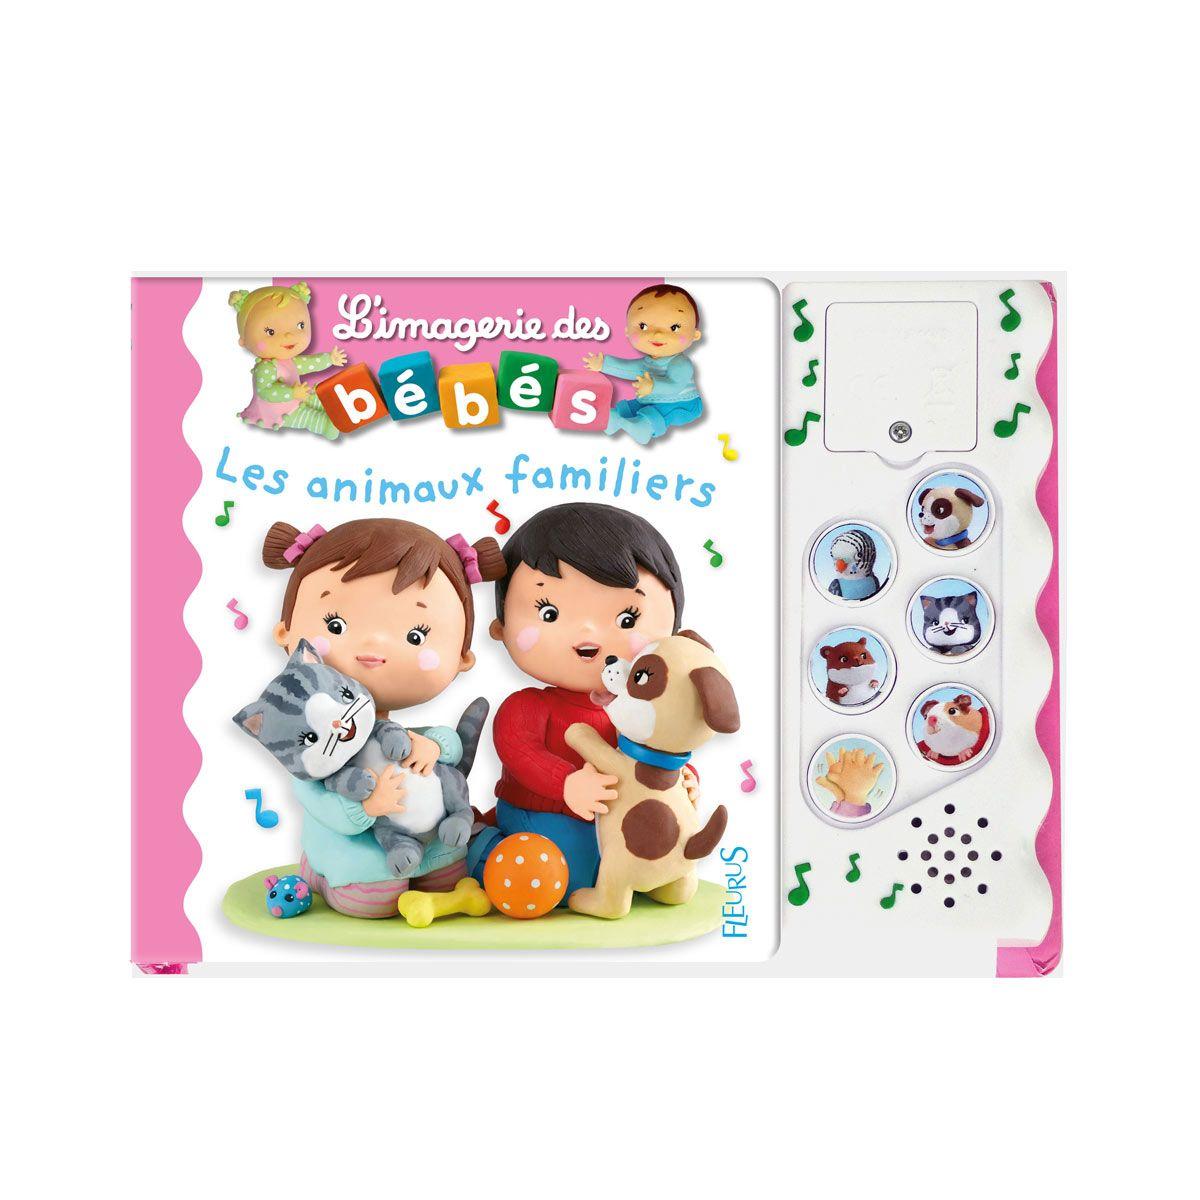 Livre Sonore Les Animaux Familiers Imagerie Des Bebes Sonore